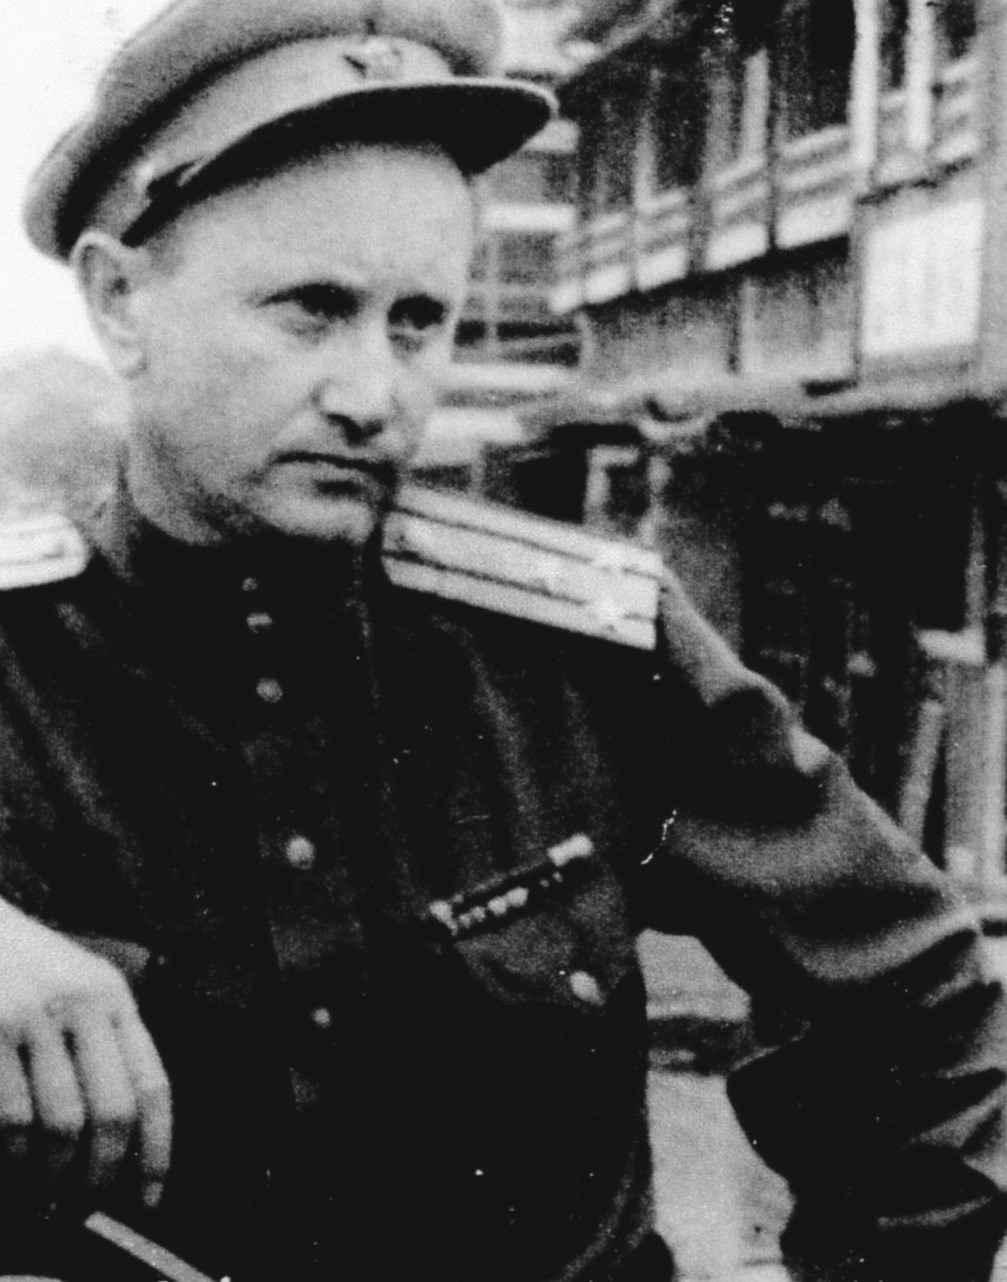 Экспонат #3. Михаил Ошурков — оператор и начальник киногруппы фильма «Разгром Японии»